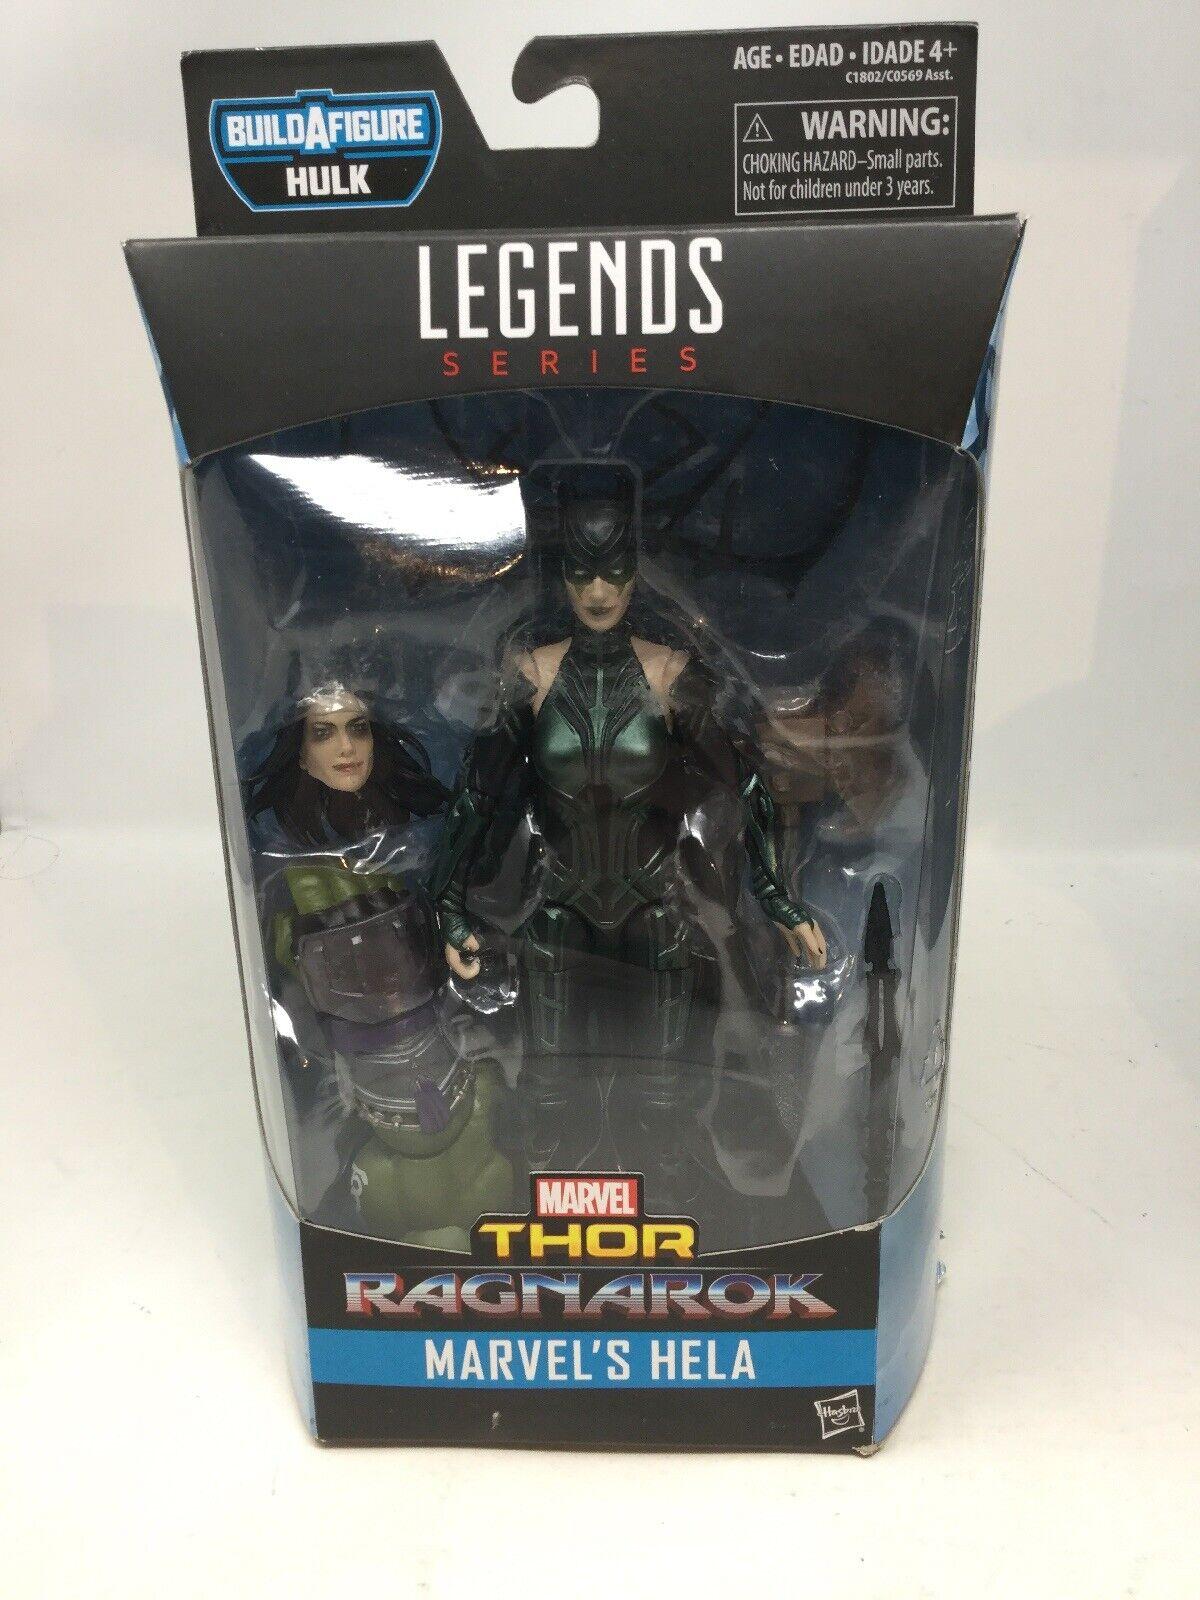 New Hasbro Marvel Legends Legends Legends HELA 6 Figure Thor Ragnarok Wave Hulk BAF part e88958